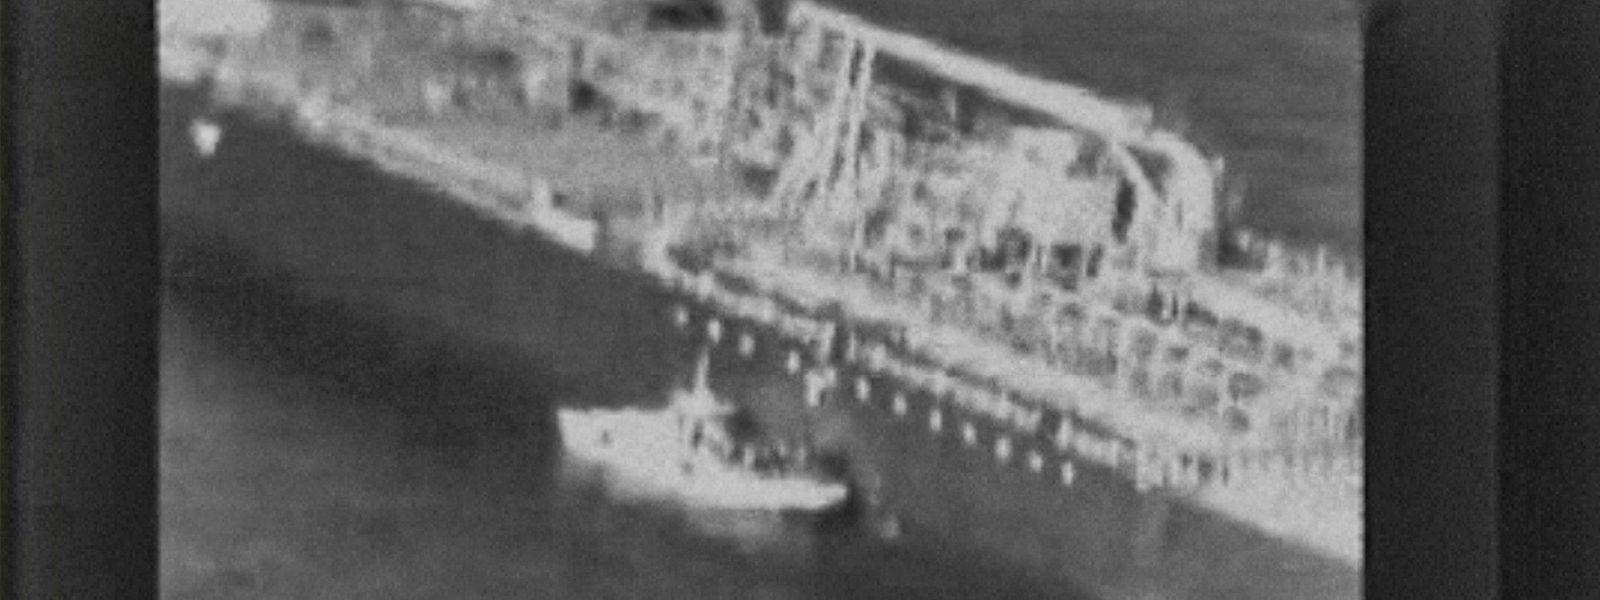 """Ein US-Video soll zeigen, wie ein Schnellboot der iranischen Revolutionsgarden nach der Explosion auf den Tanker """"Kokuka Courageous"""" zufährt und die Besatzung eine nicht explodierte Haftmine vom Tankerrumpf entfernt."""